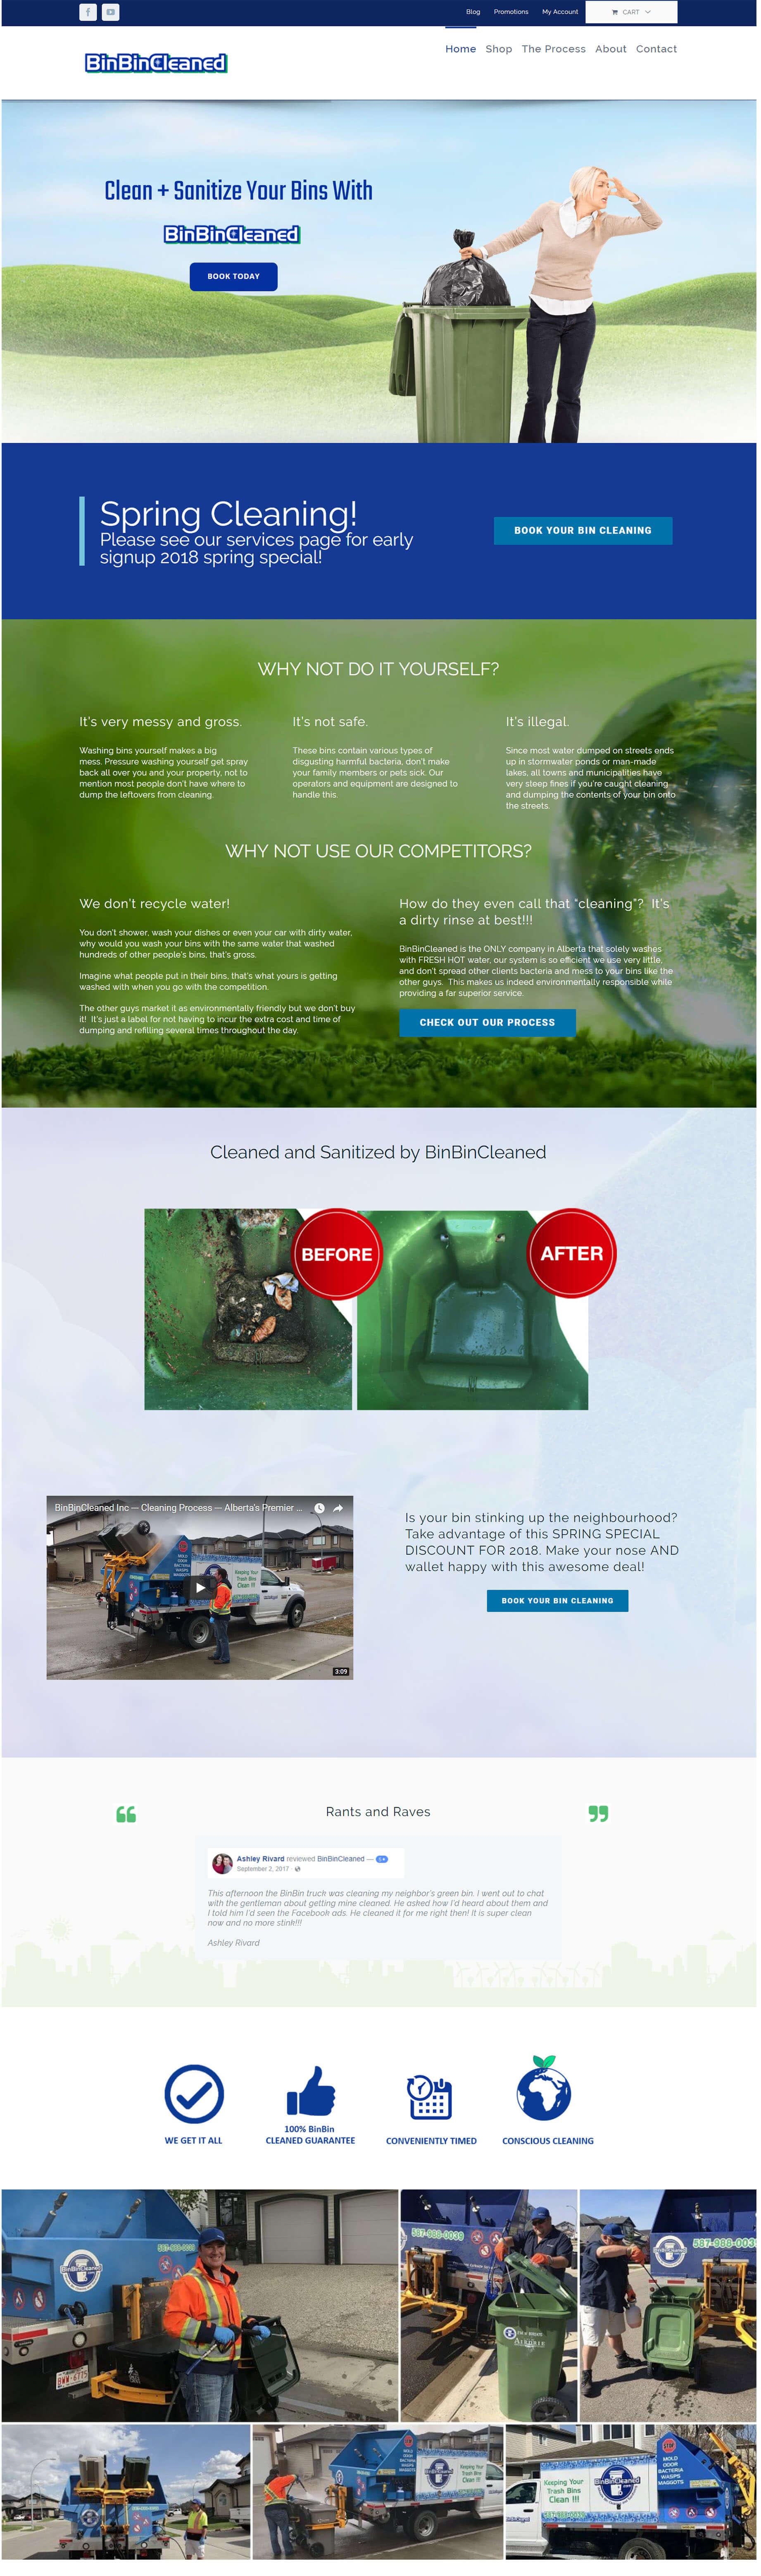 websiet homepage design